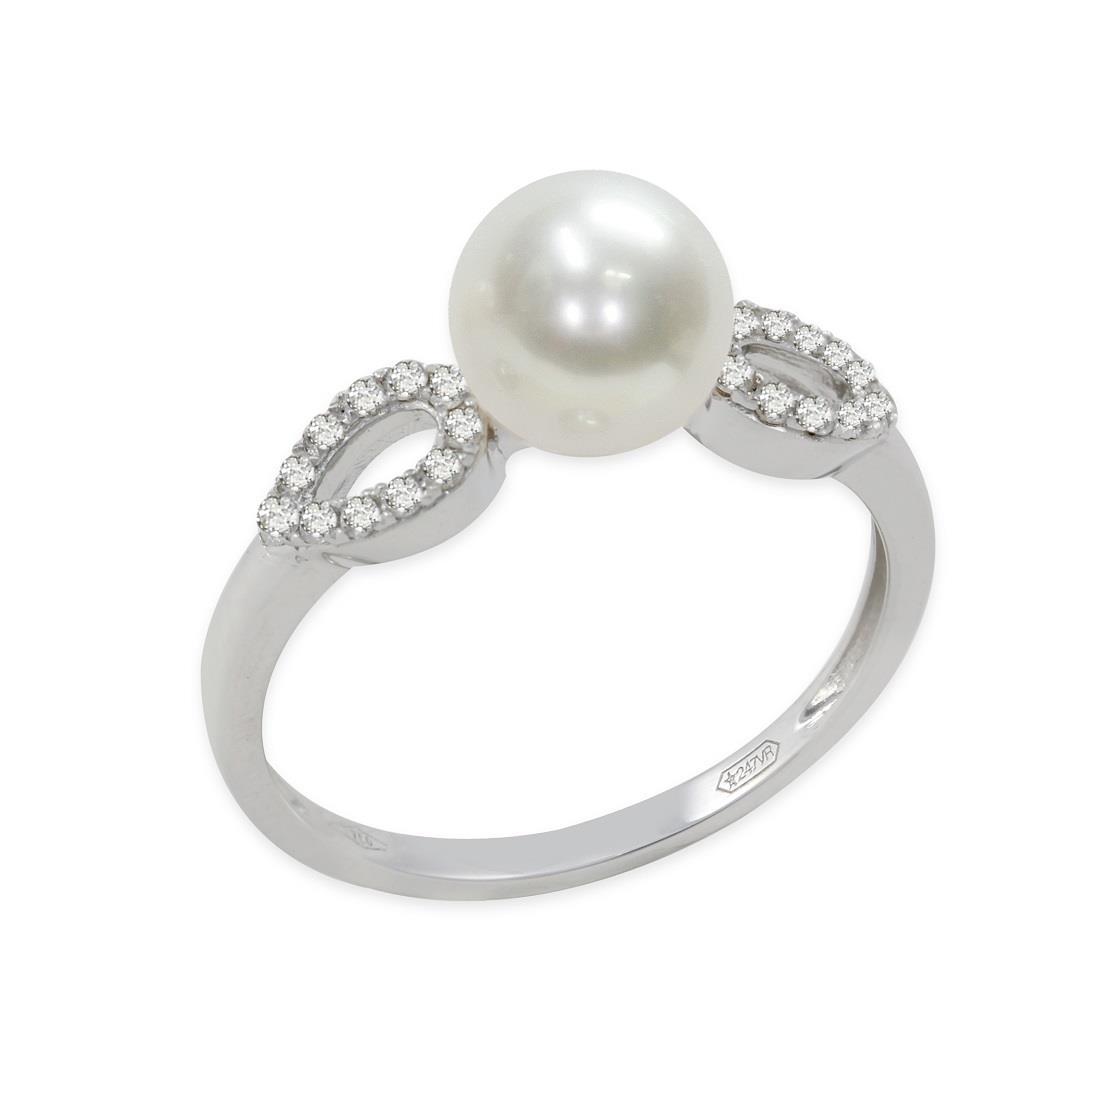 Anello con diamanti e perla - MAYUMI